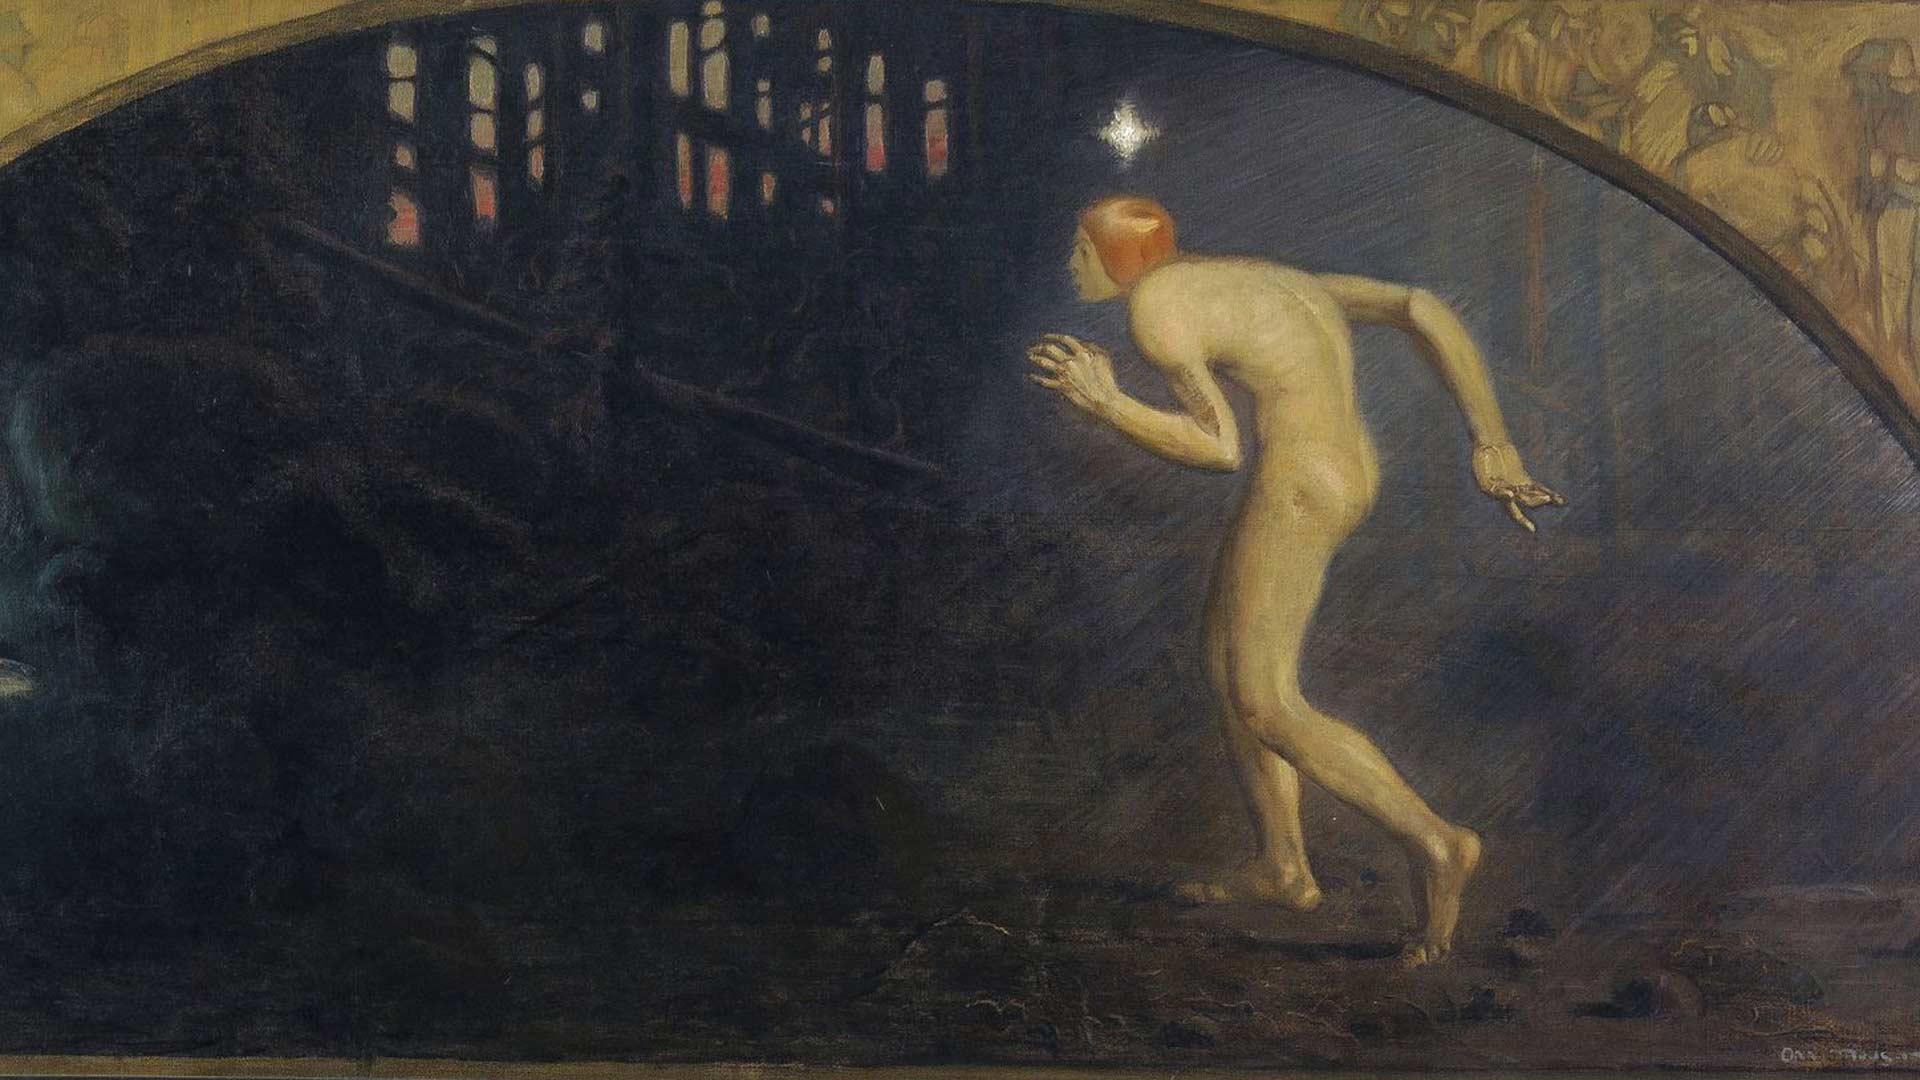 Onni Muusarin maalaus Aarteenetsijä on vuodelta 1910. Teoksessa nuori mies lähestyy varoen metsässä hohtavaa valoa. Hän edustaa aikakautensa totuudenetsijää, joka lopulta löytää valon.